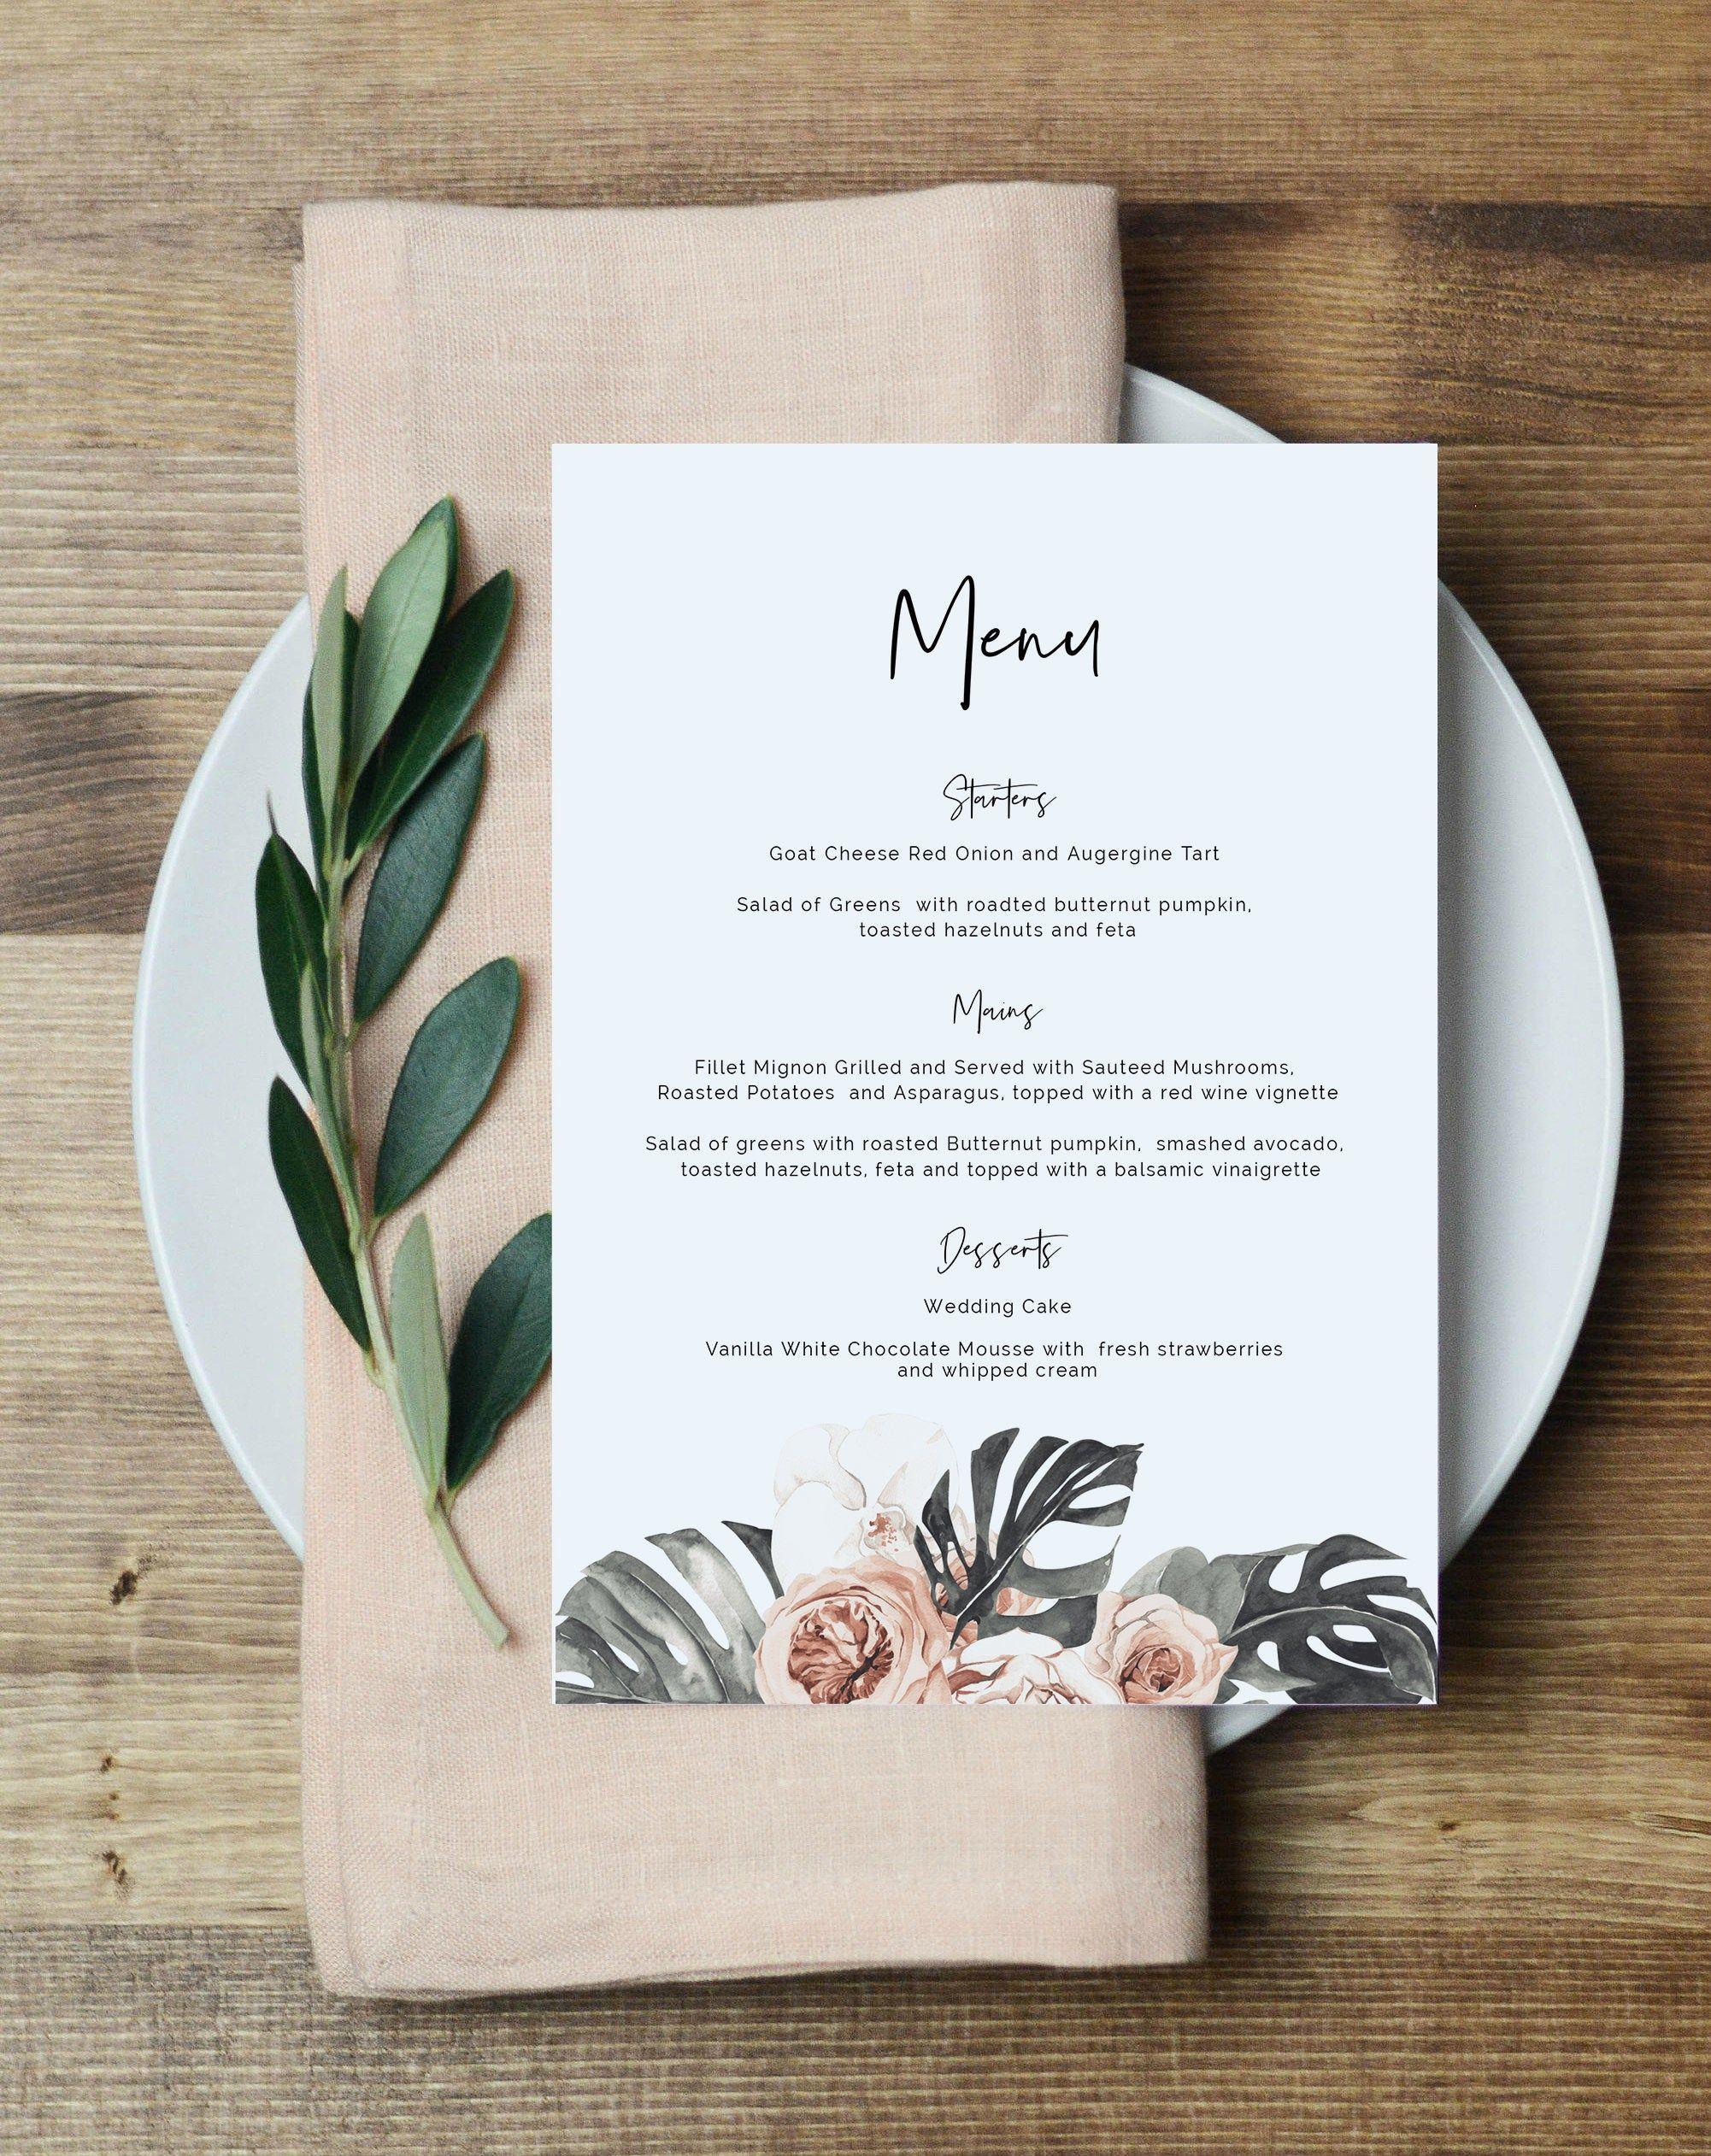 Tropical Menu Card Blush Menu Printable Menu Sign Etsy In 2020 Menu Card Template Menu Cards Printable Menu